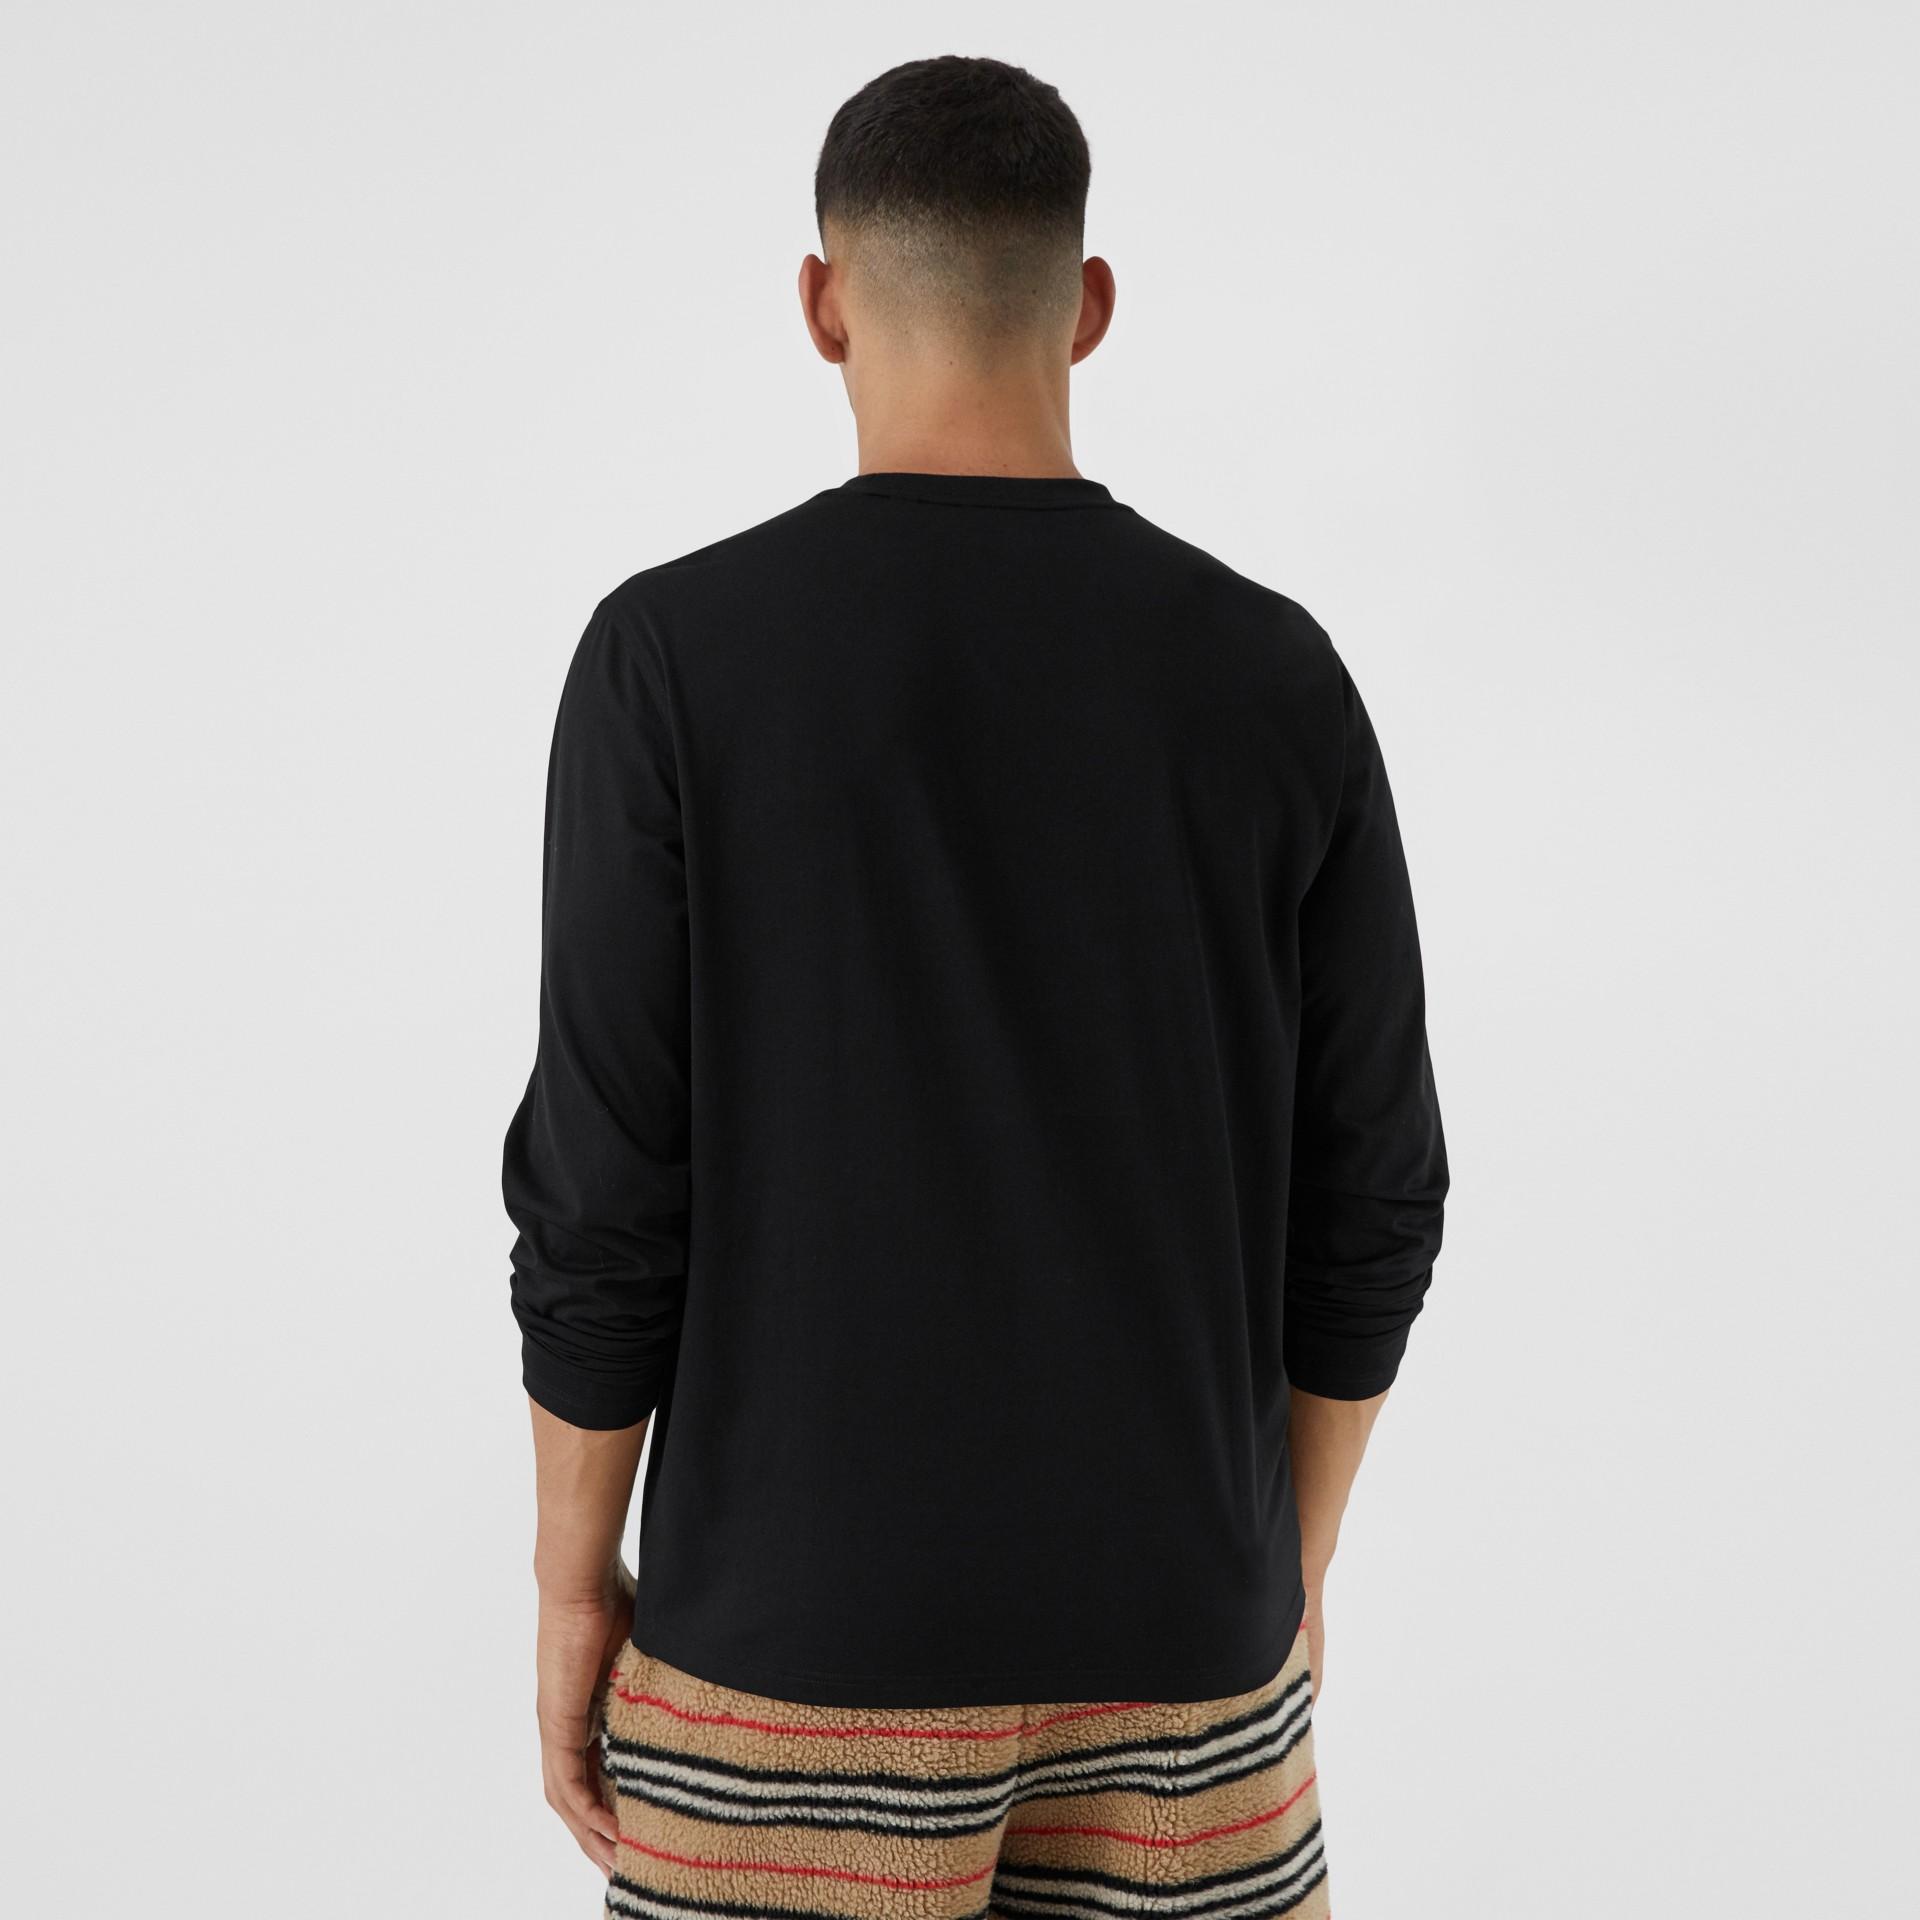 Haut à manches longues en coton avec logo (Noir) - Homme | Burberry - photo de la galerie 2